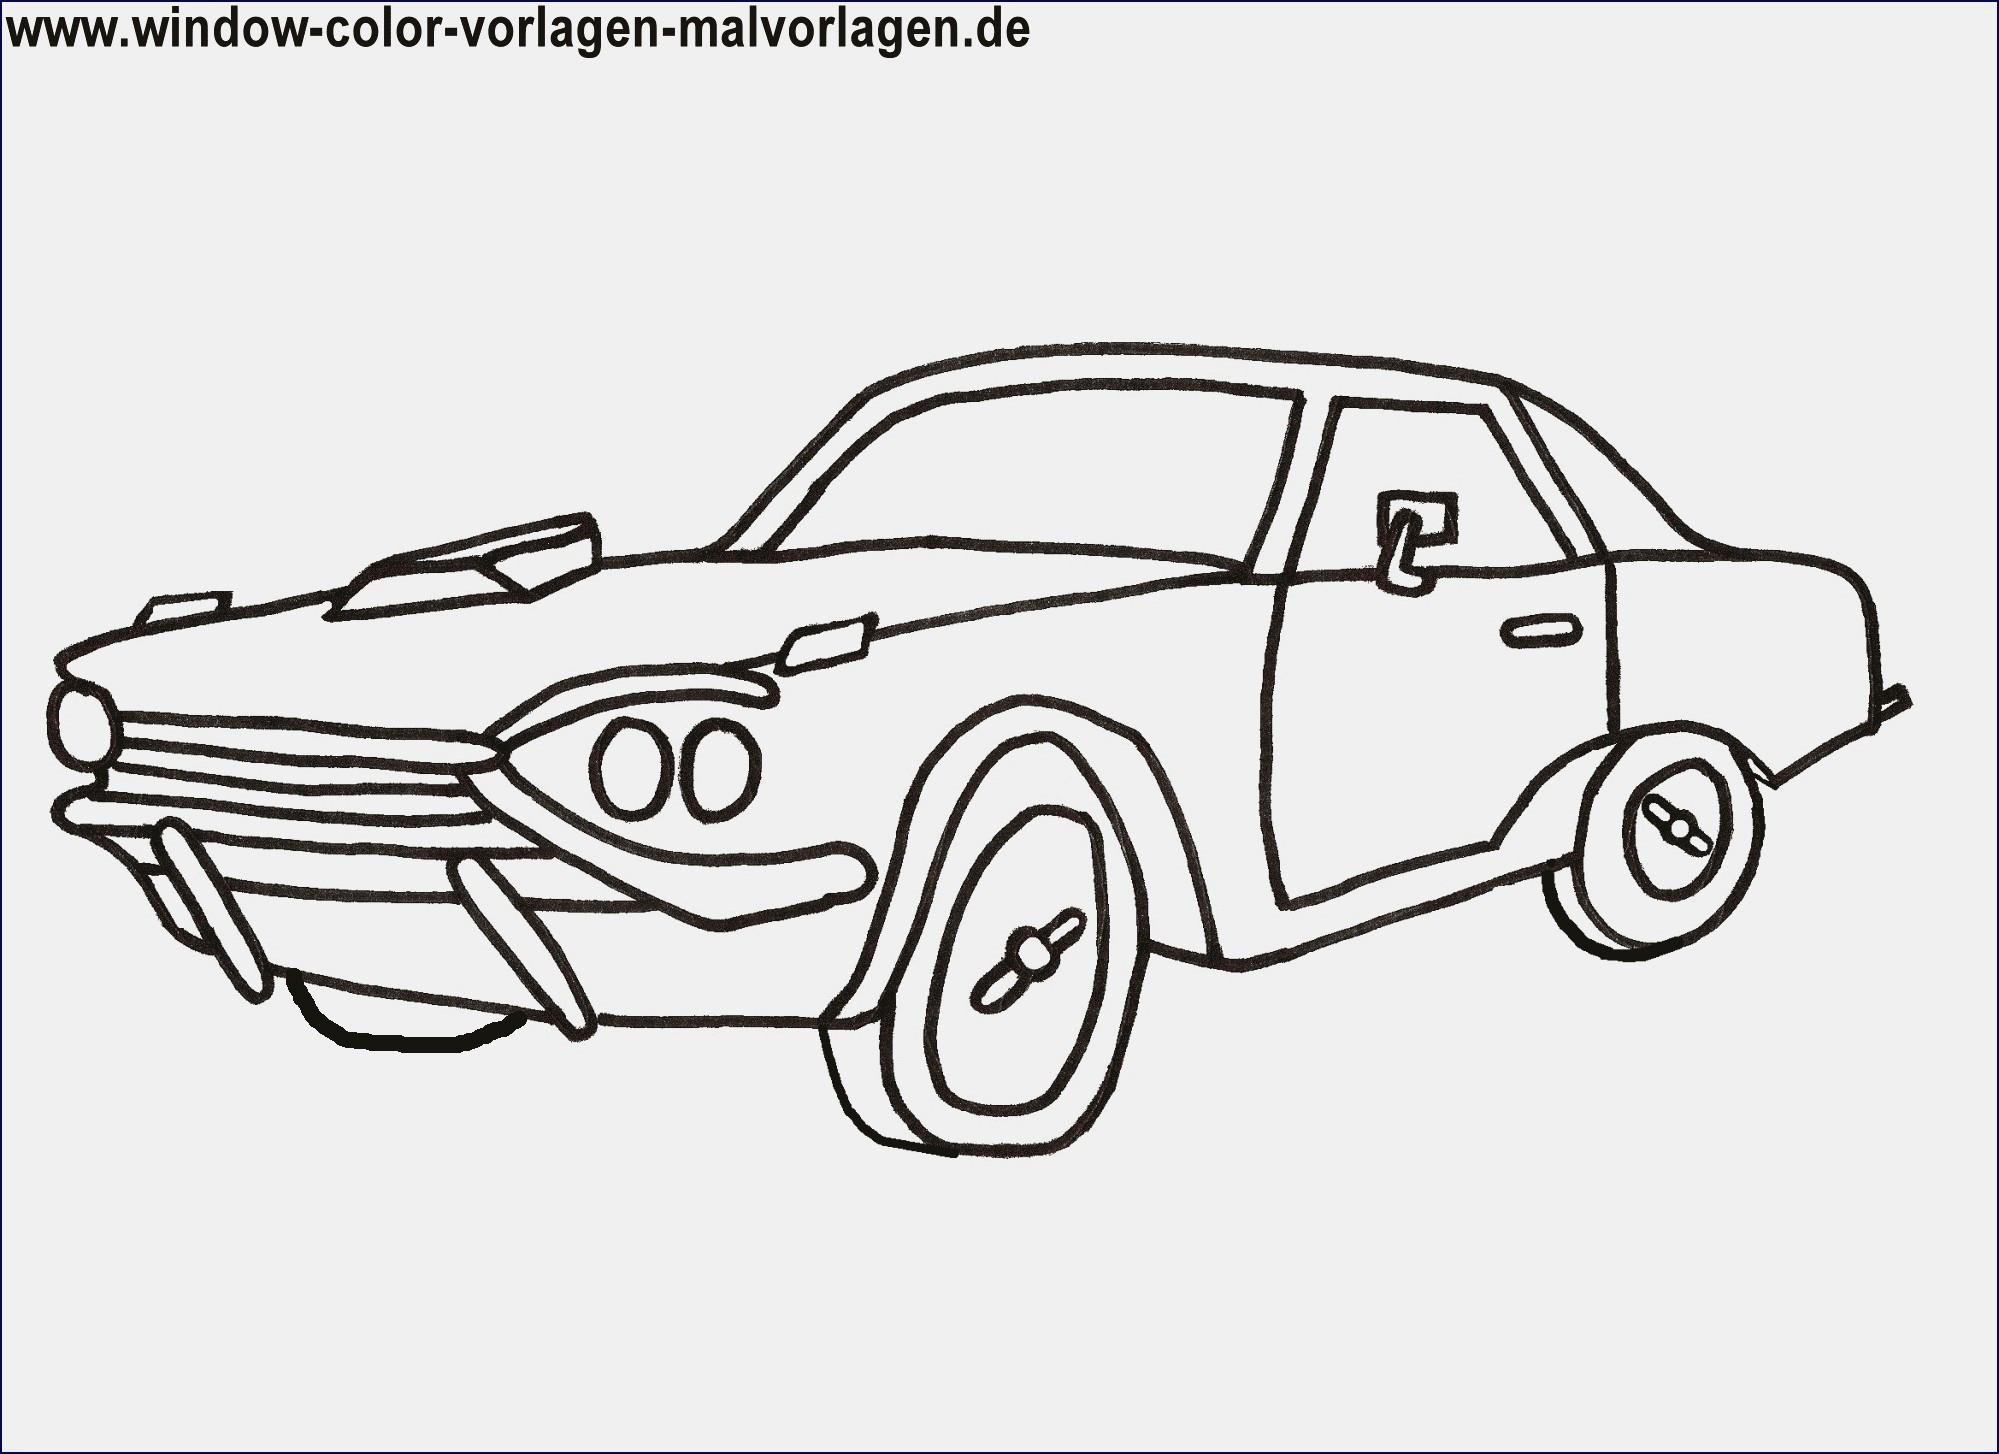 Malvorlage Lightning Mcqueen Inspirierend Traktoren Bilder Zum Ausmalen Bauernhof Elegant Cars Ausmalbilder Galerie